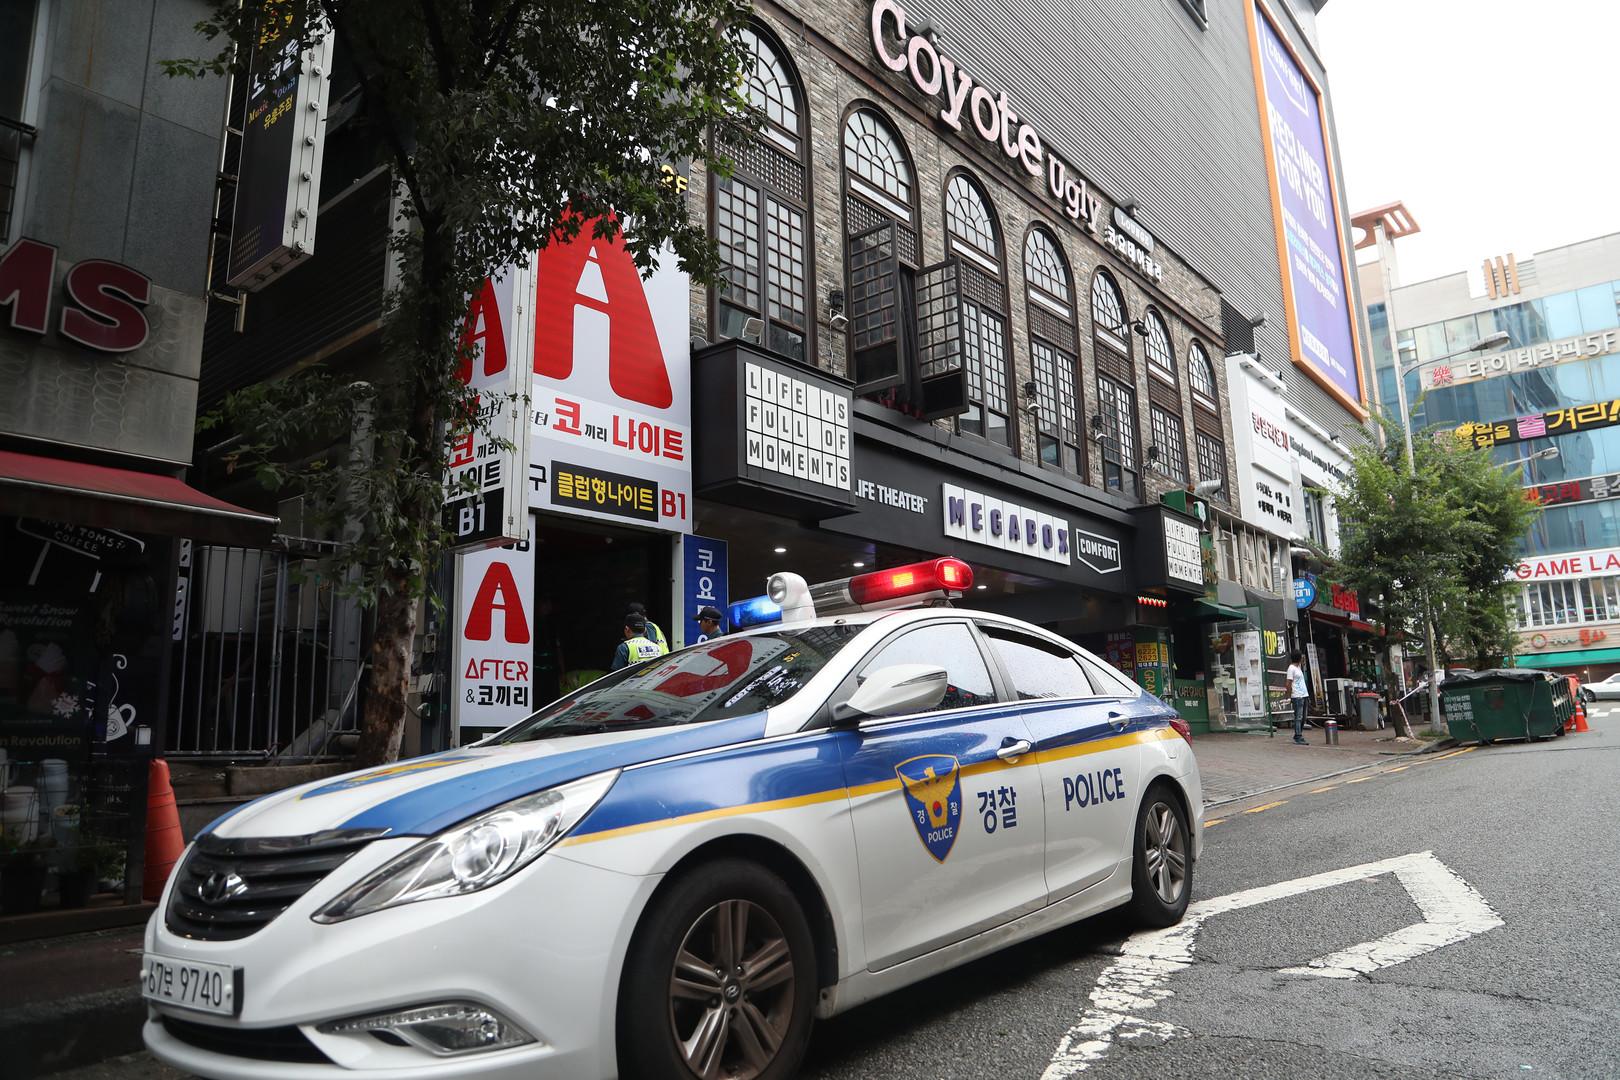 كوريا الجنوبية.. قتلى وجرحى جراء انهيار طابق في ملهى على هامش مسابقة رياضية دولية